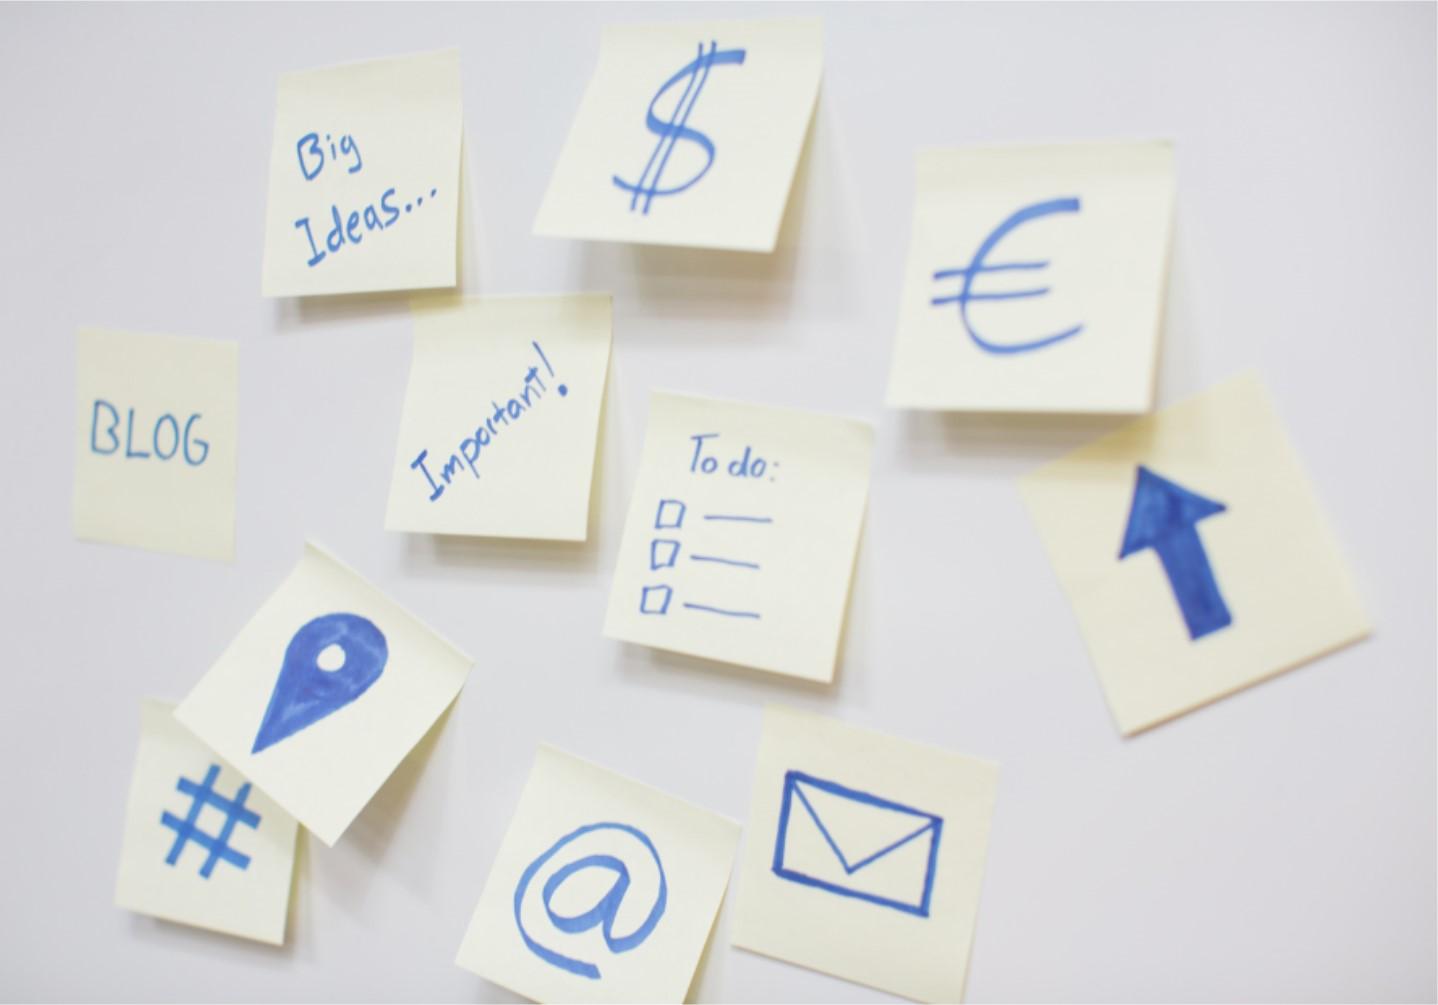 Sticky notes - website image